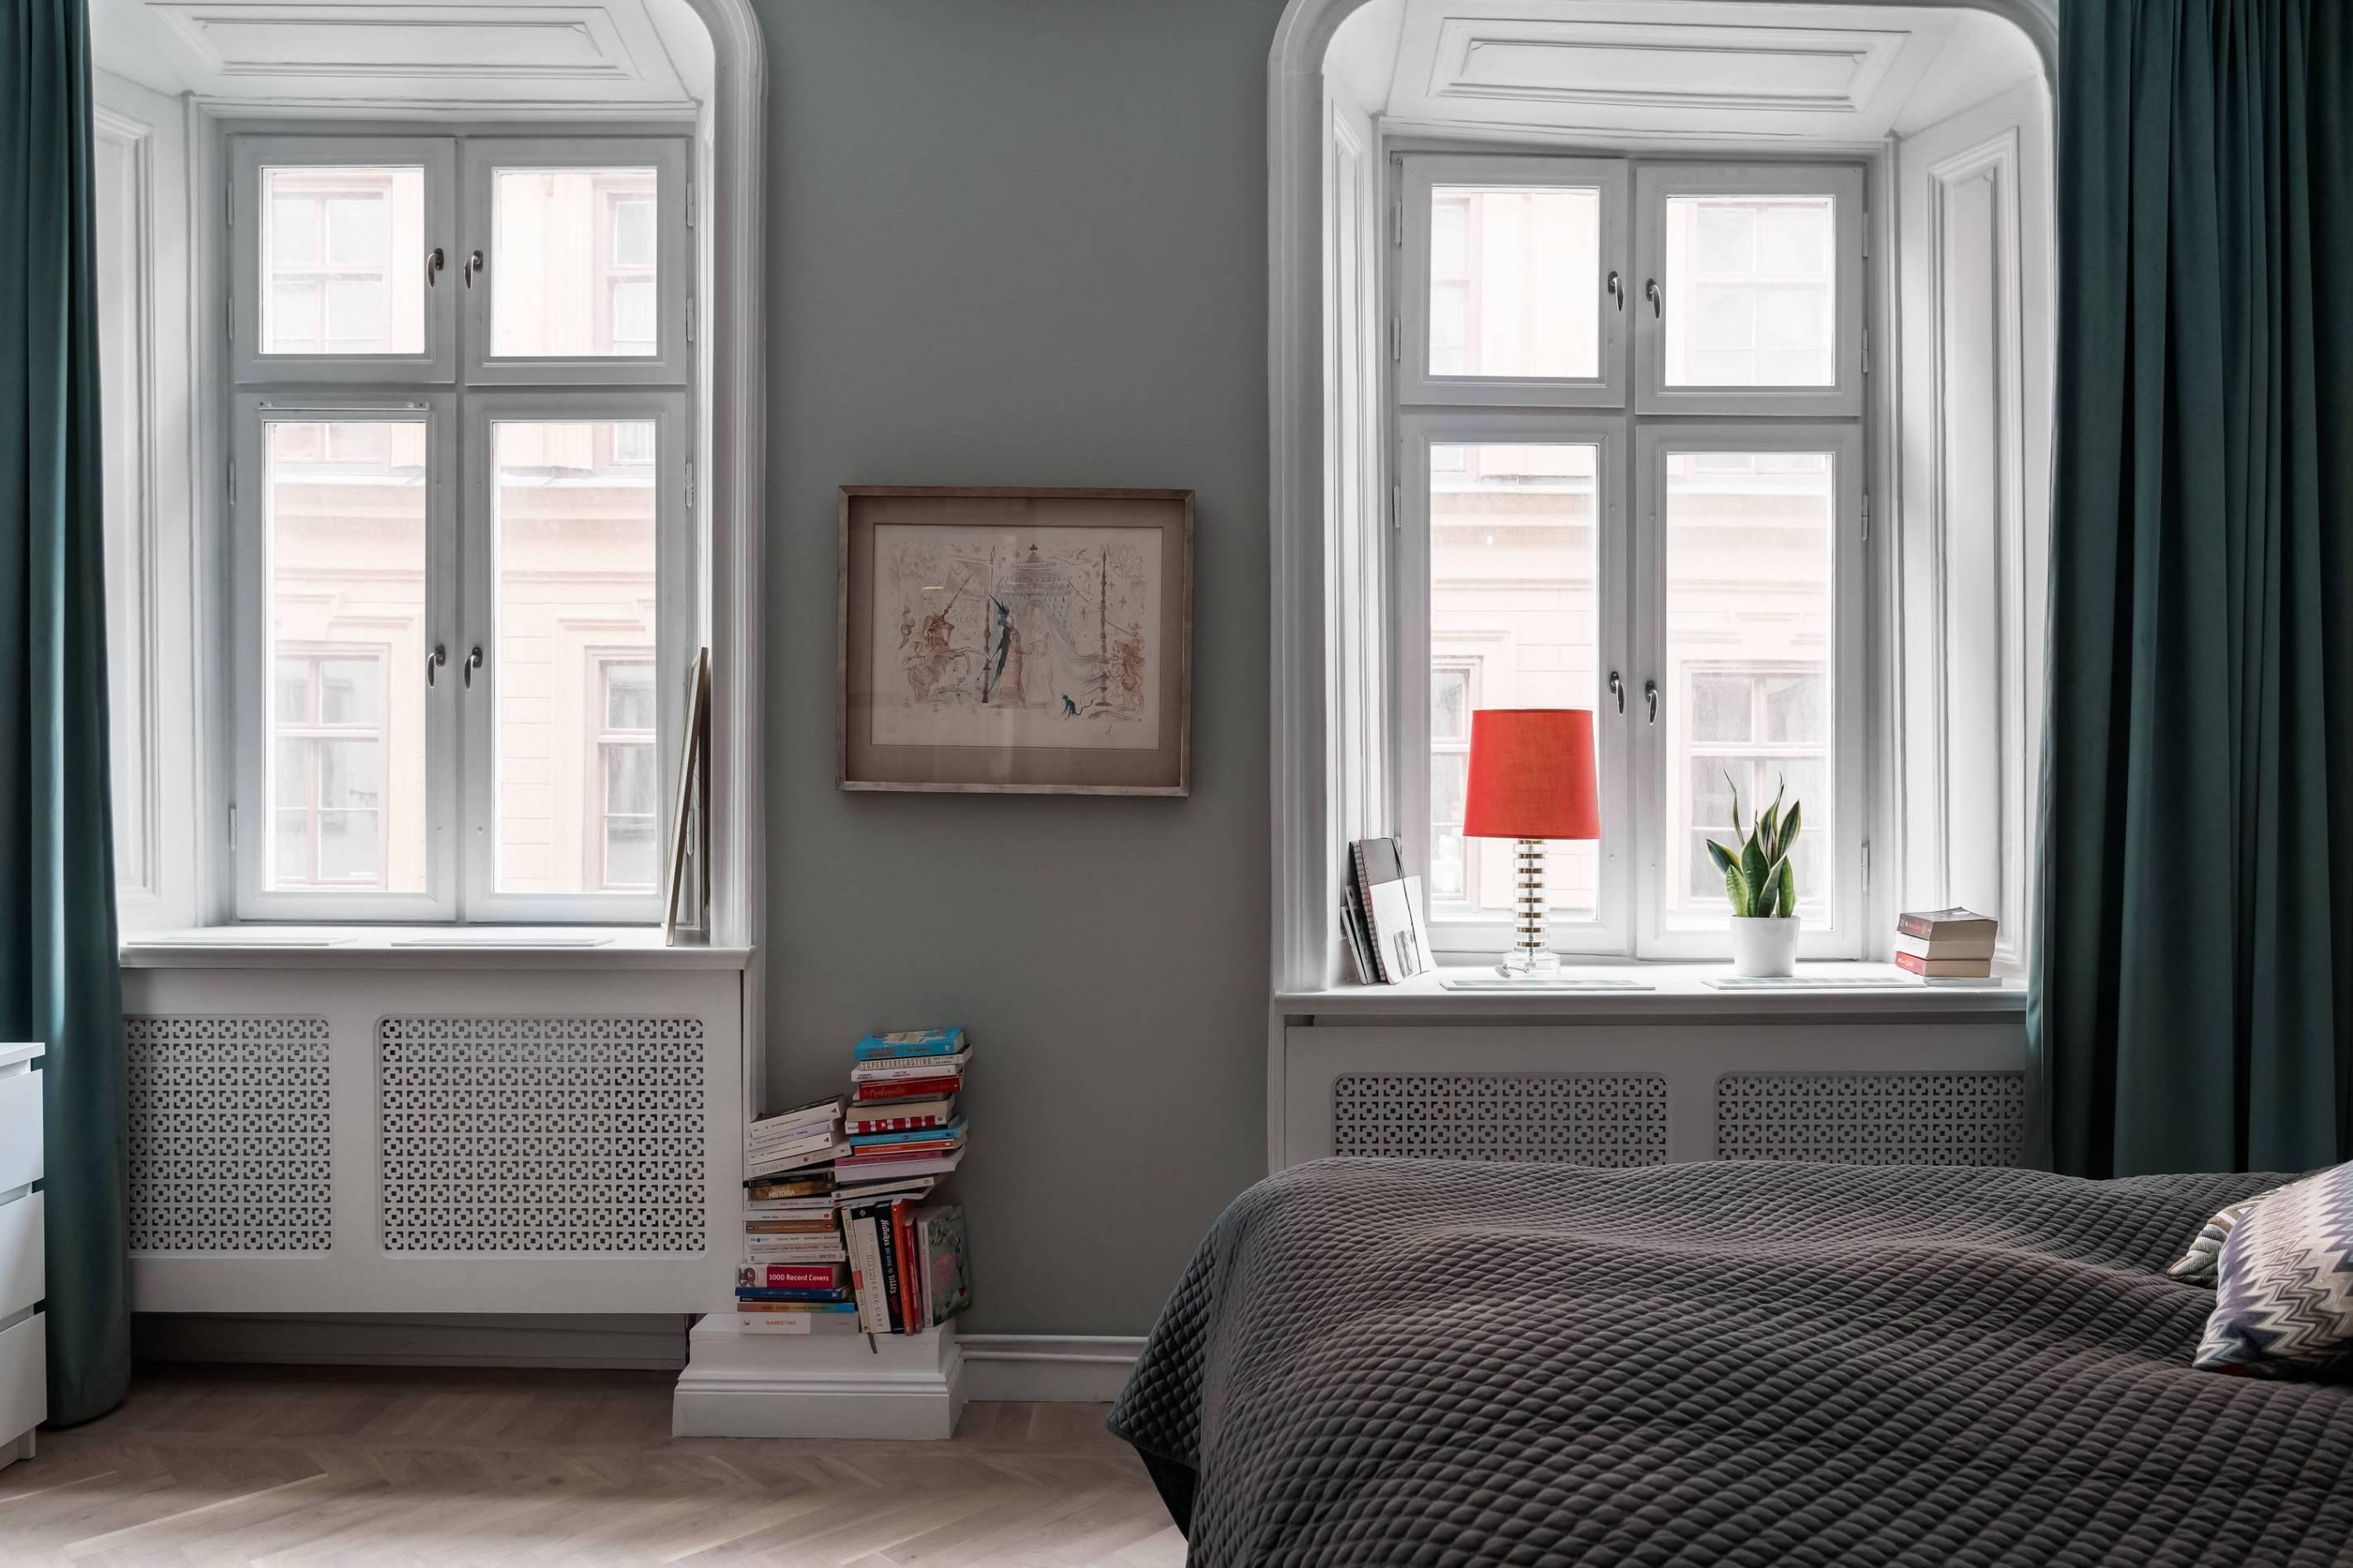 спальня экран радиатора окно откосы